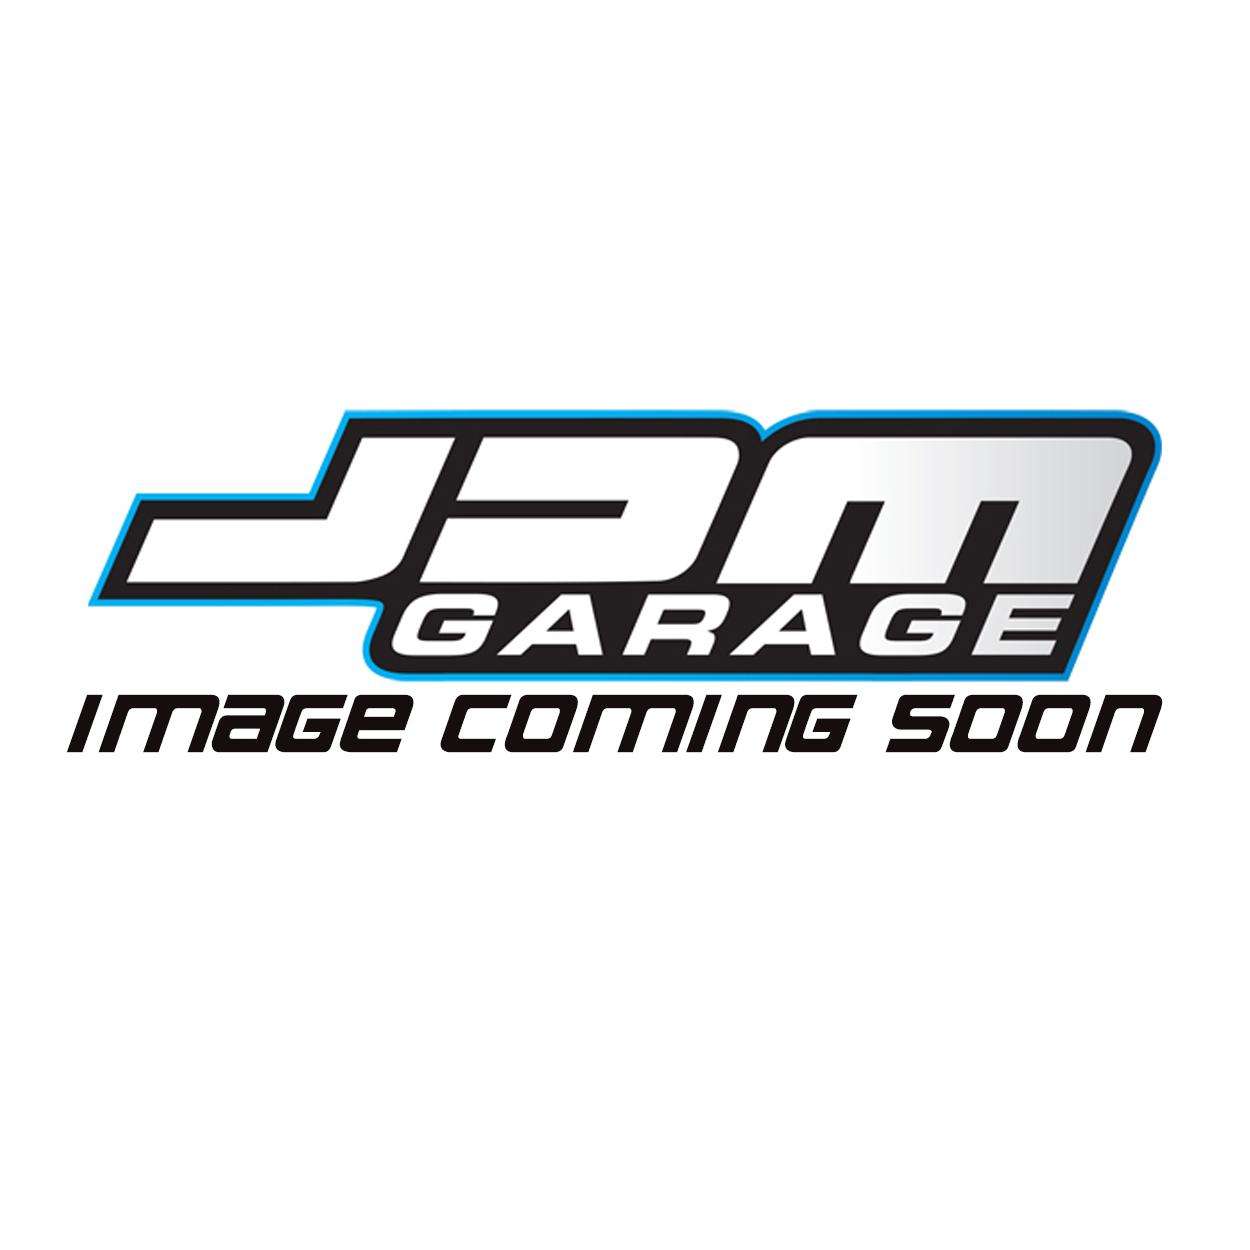 Mishimoto Performance Aluminium Radiators - Skyline R32 R33 R34 / R35 GTR / S13 S14 S15 / 350Z 370Z